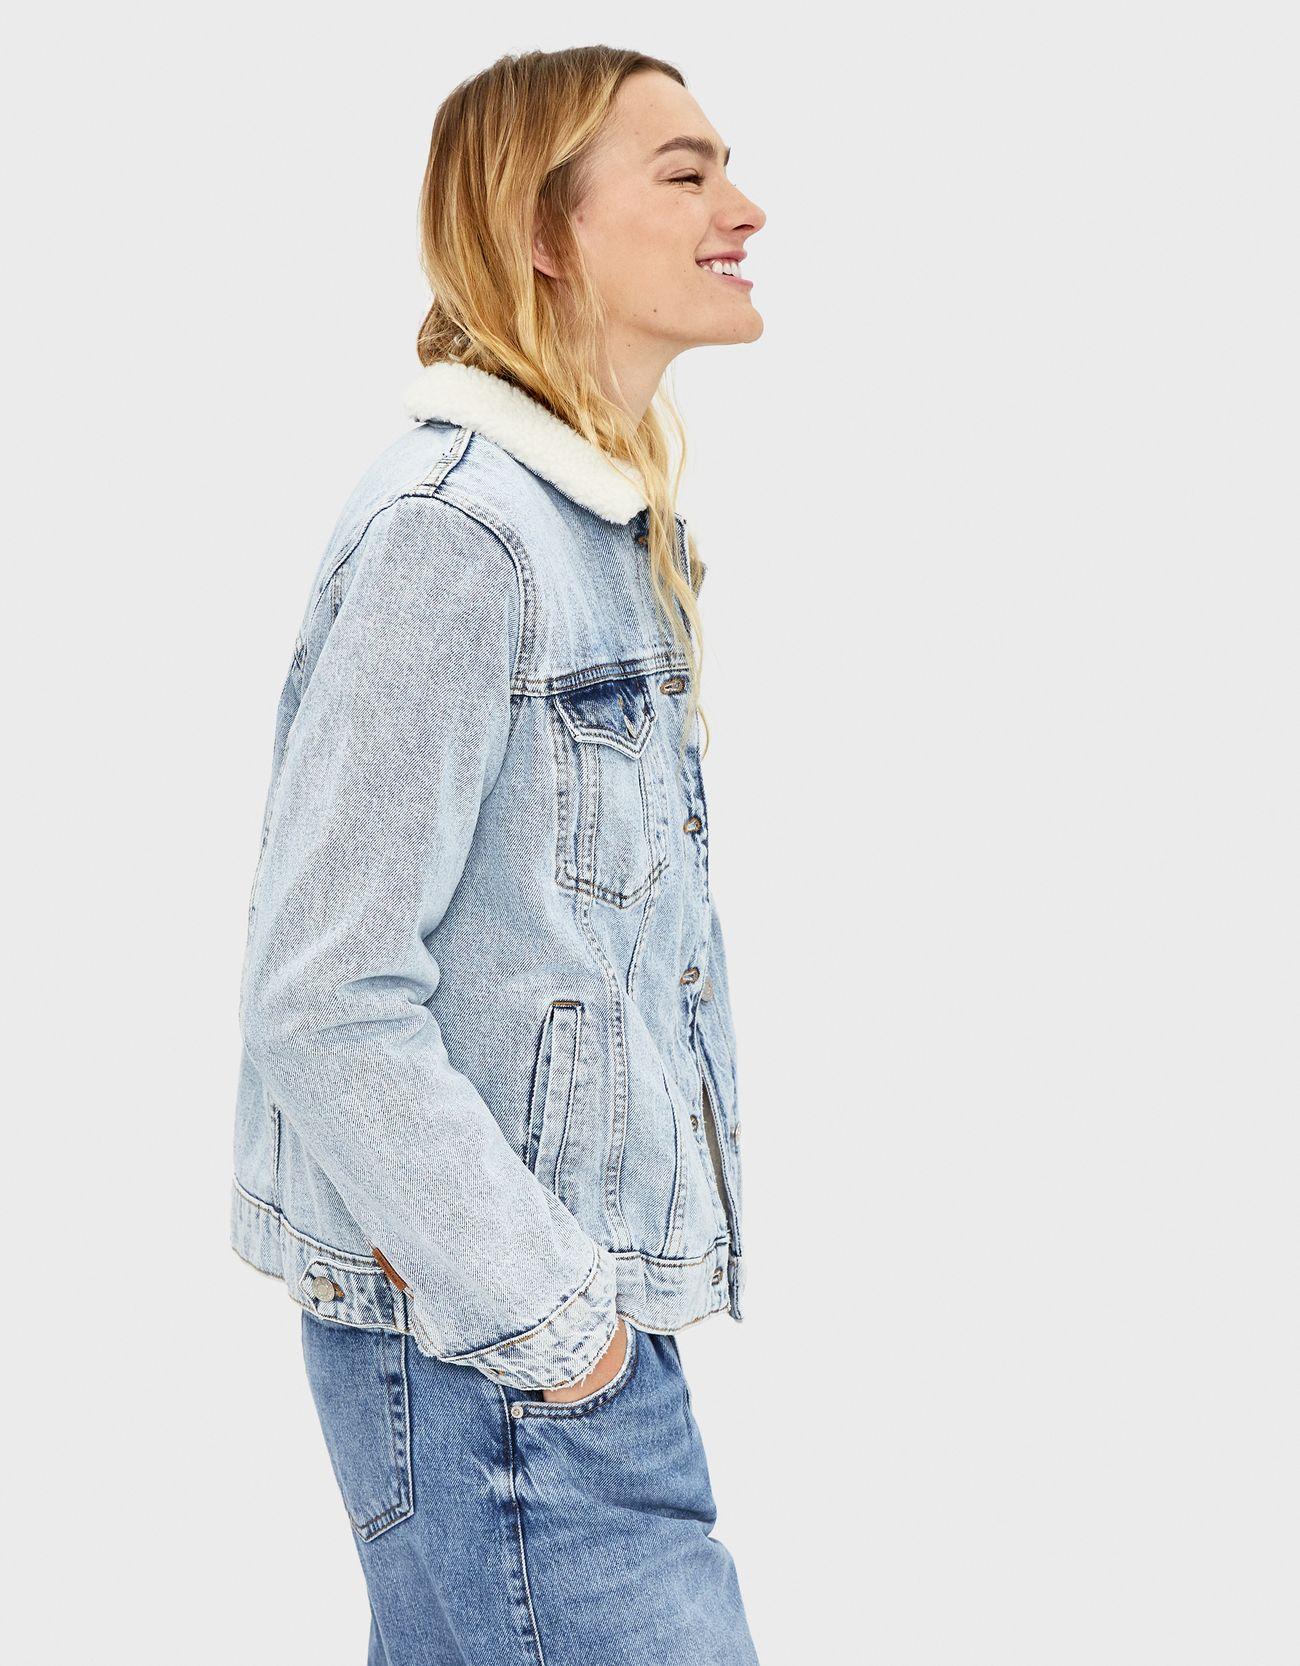 Джинсовая куртка с отделкой из искусственной овчины Голубой Bershka